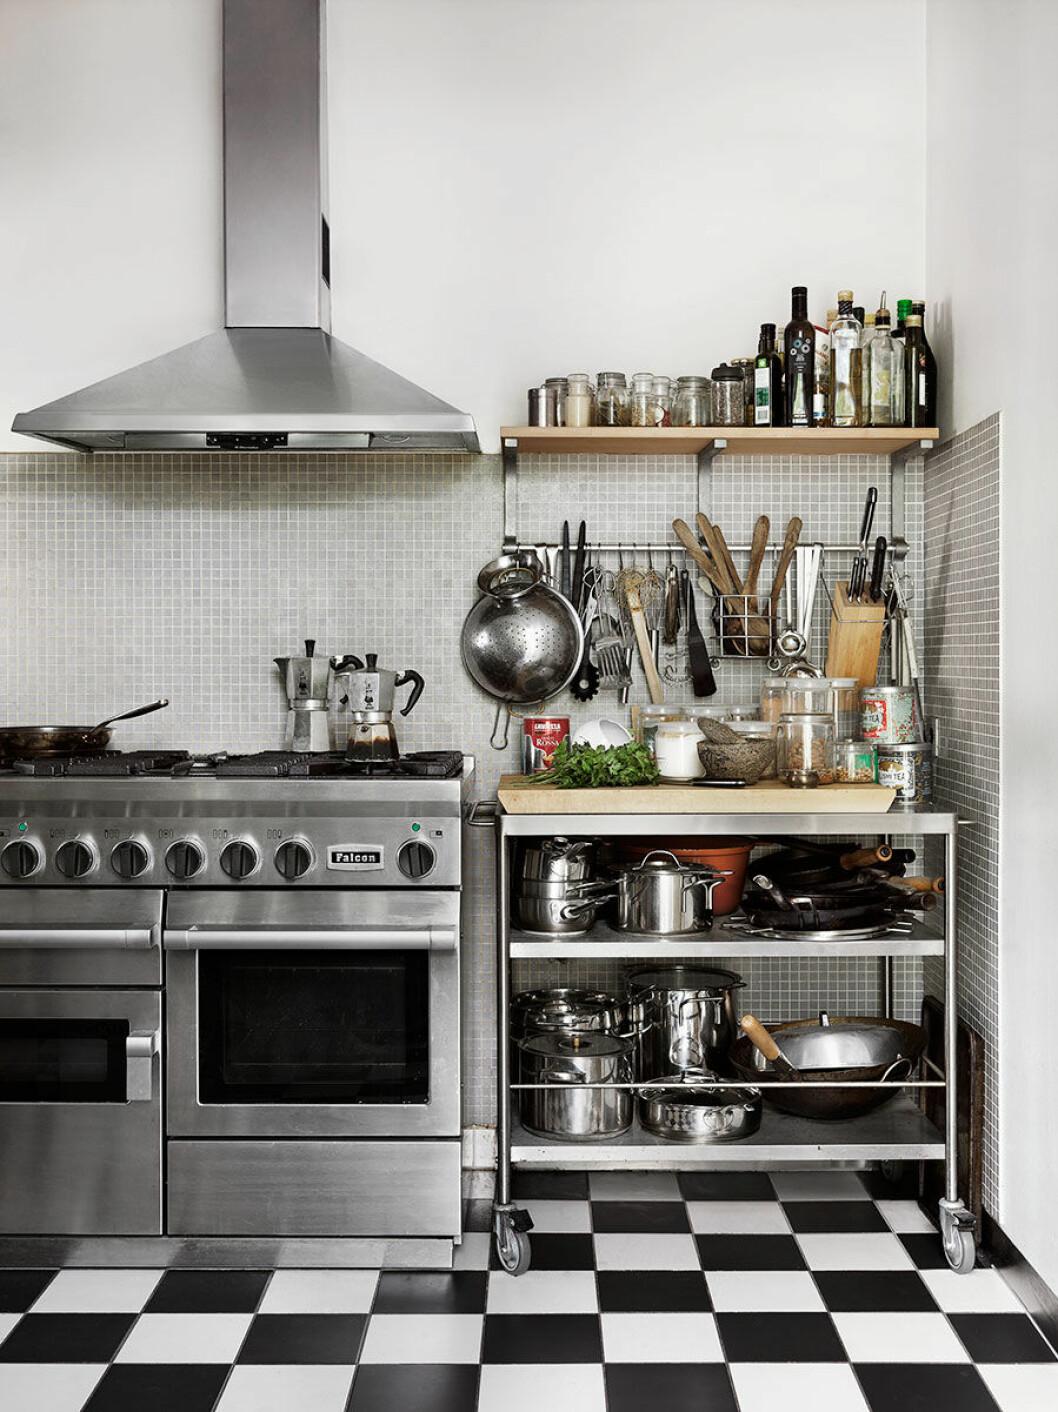 Rosengarden_kok_kitchen_industry_industri_blac_white_floor_Foto_Petra_Bindel